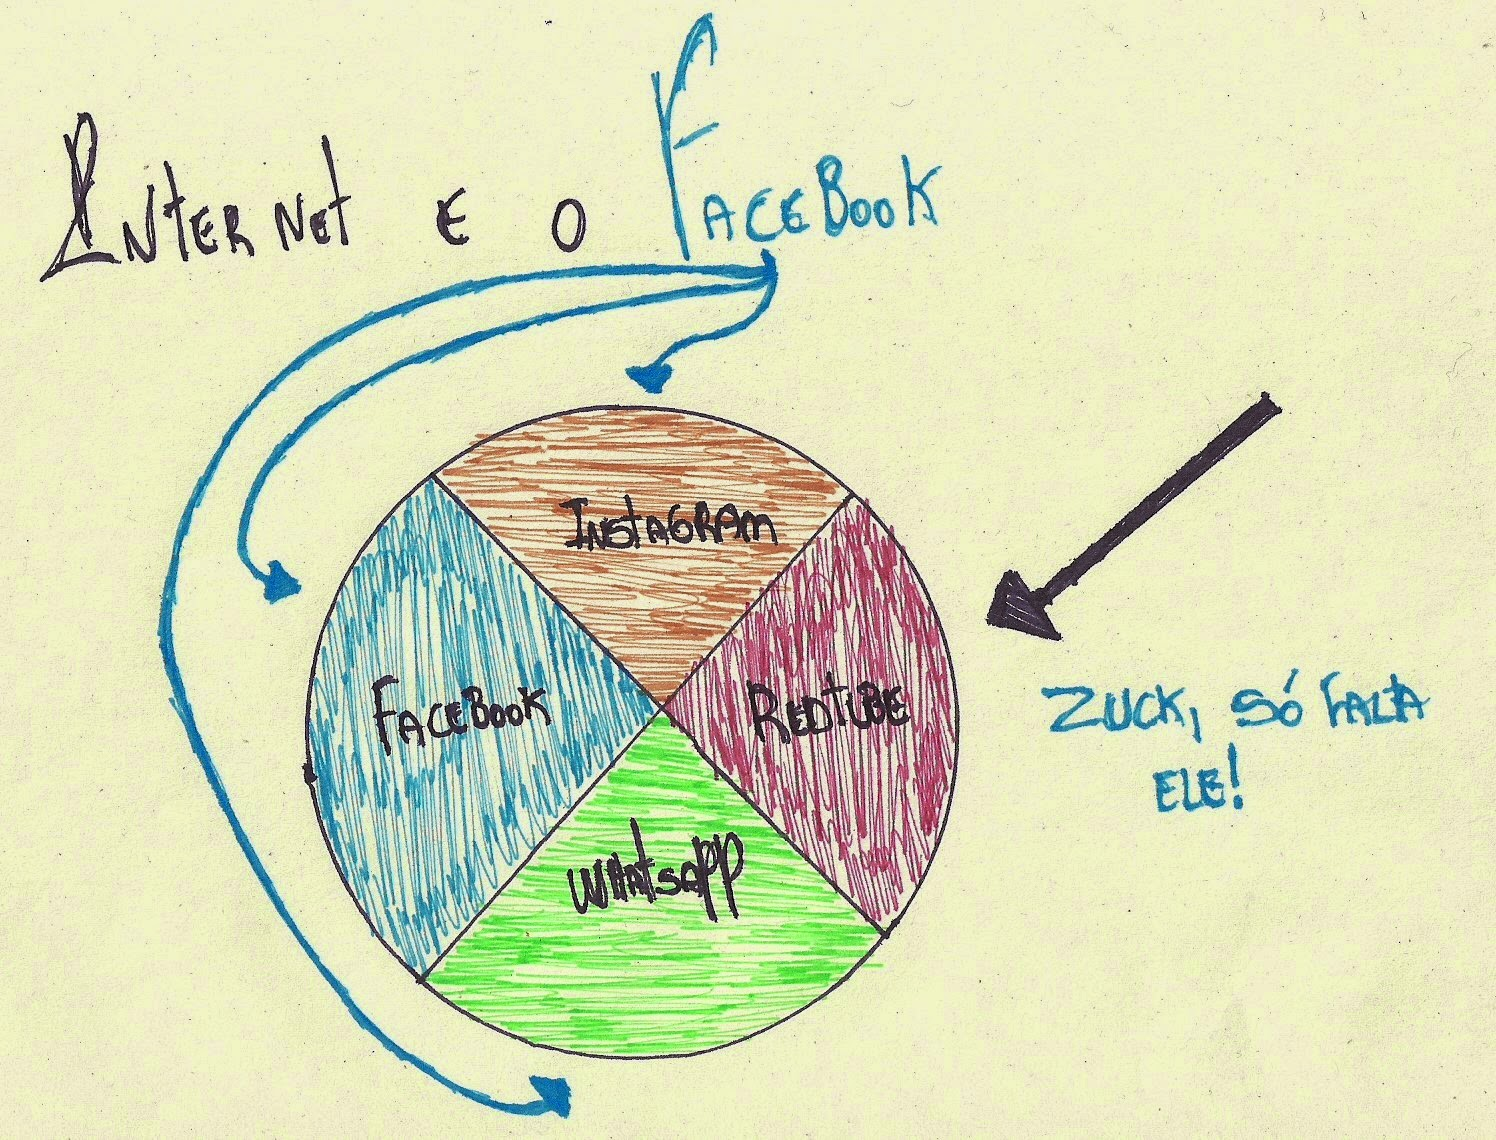 internet e o facebook